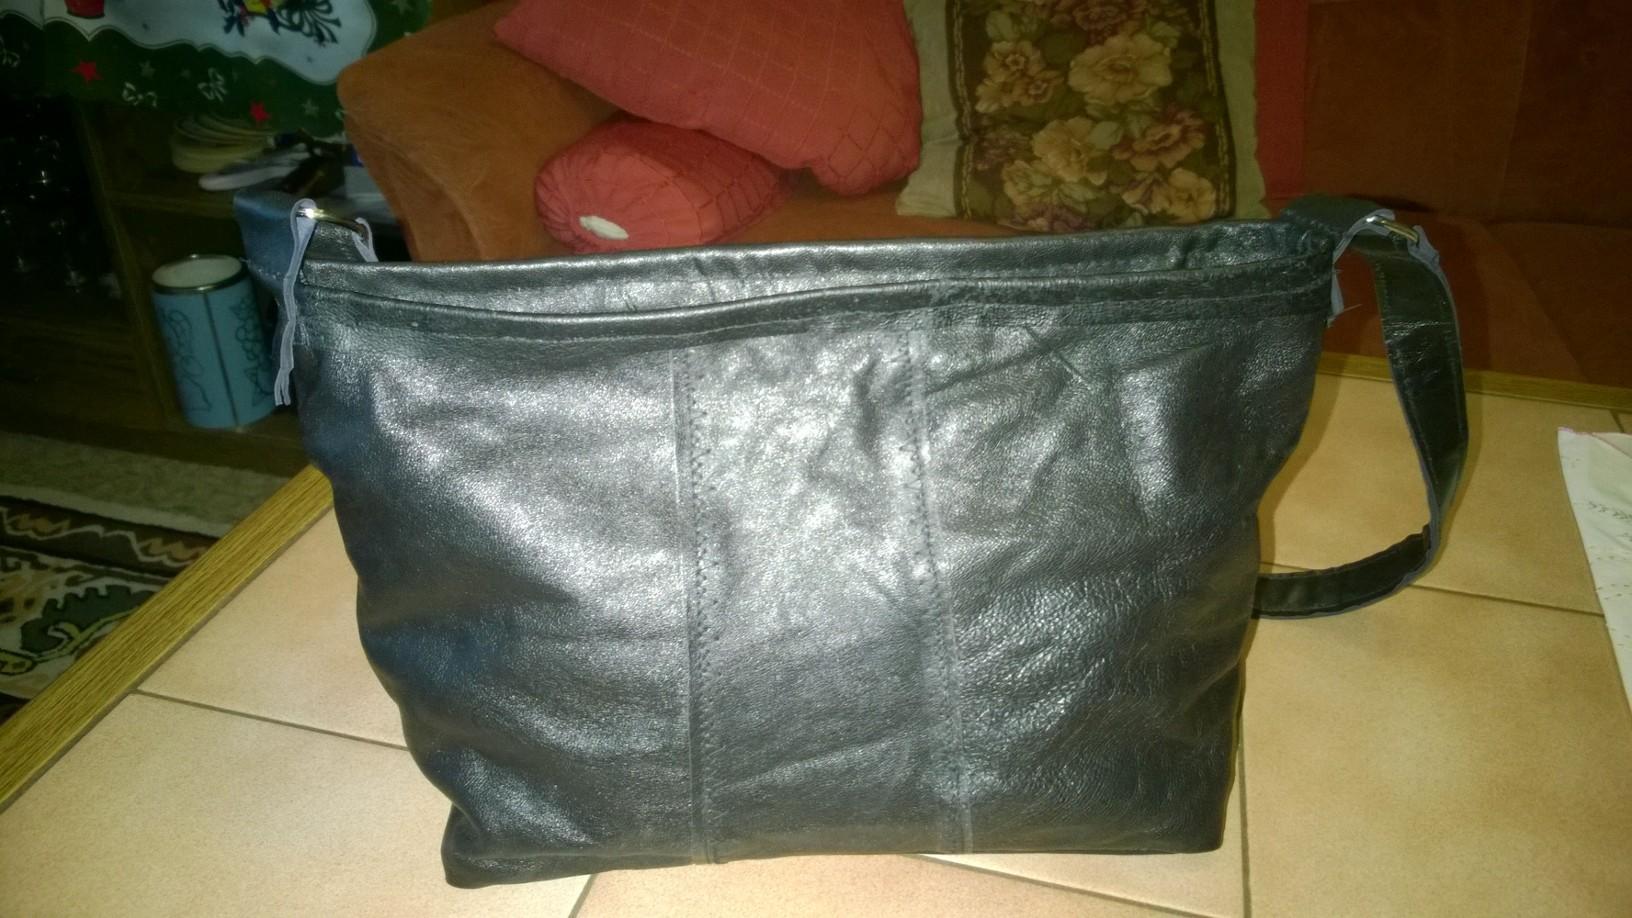 Leder Handtasche selber nähen – Nähen für Anfänger › Nähen für Anfänger!